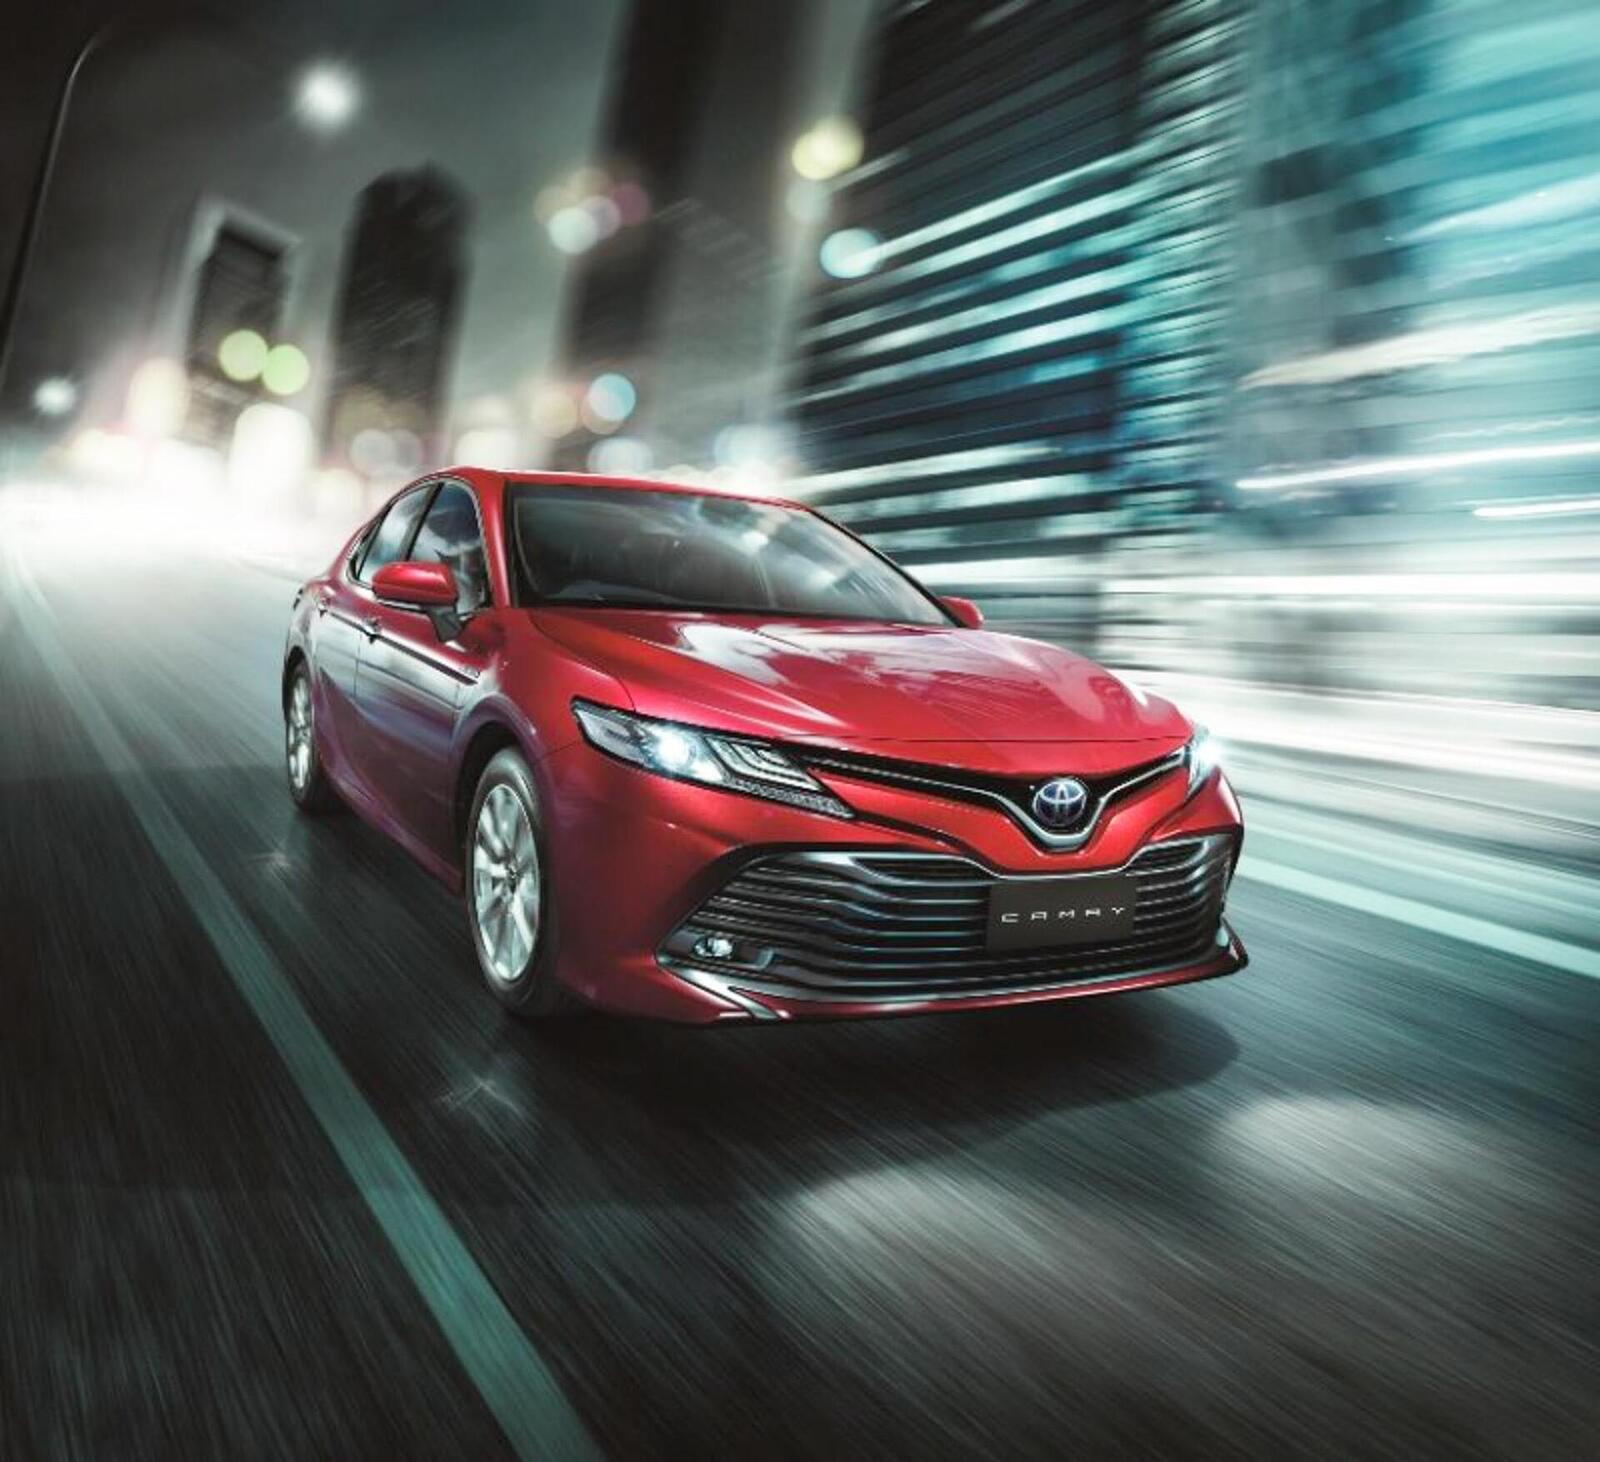 Toyota Camry thế hệ mới đã về đến Việt Nam - Chuẩn bị ra mắt công chúng - Hình 8